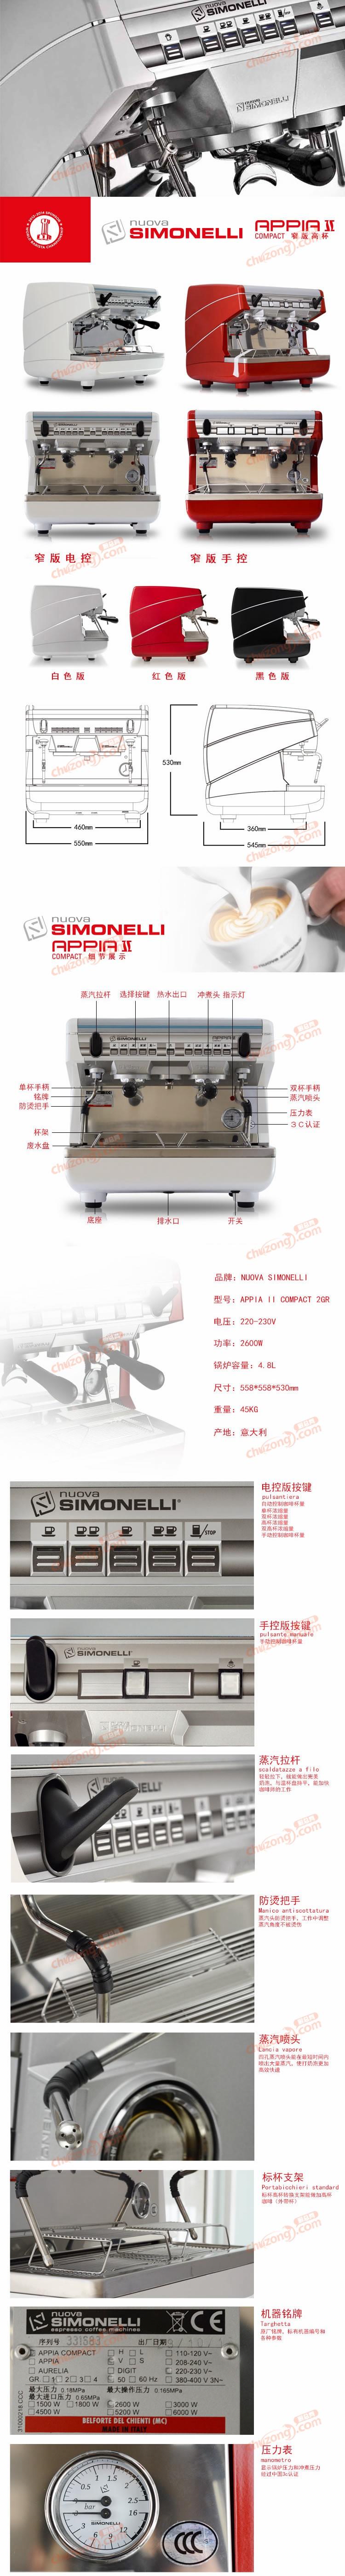 意大利諾瓦半自動商用咖啡機Appia圖片